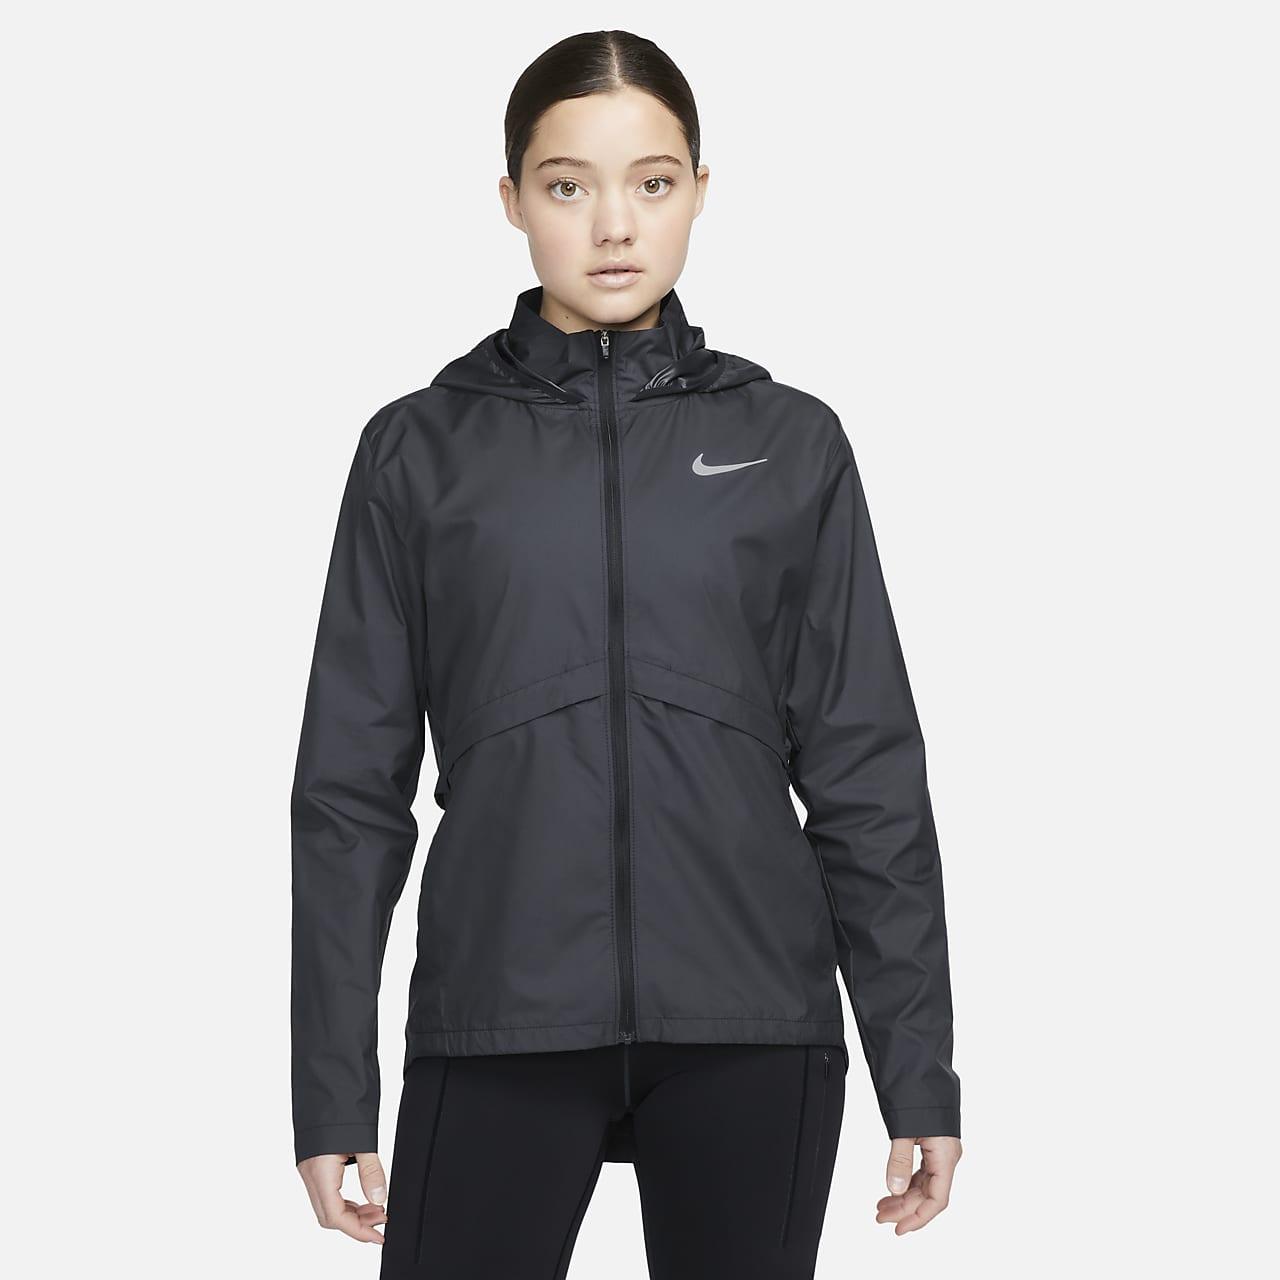 Packbar regnjacka för löpning Nike Essential för kvinnor